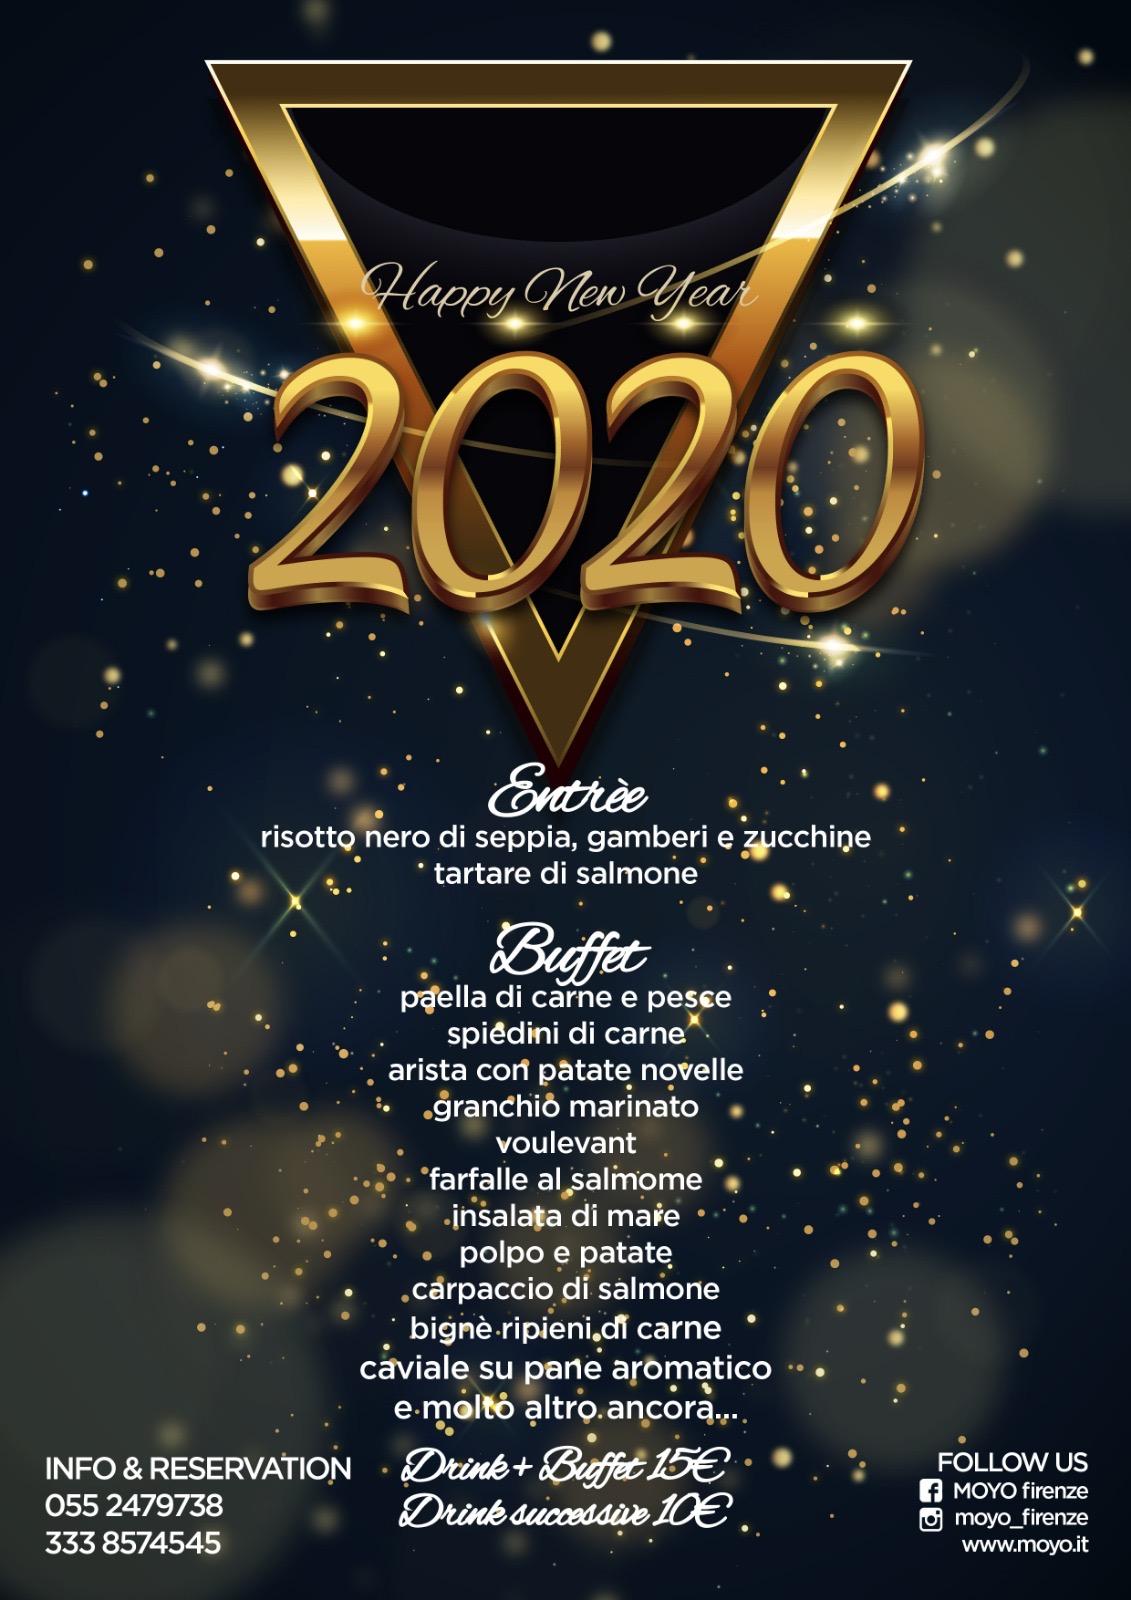 capodanno buffet 2020